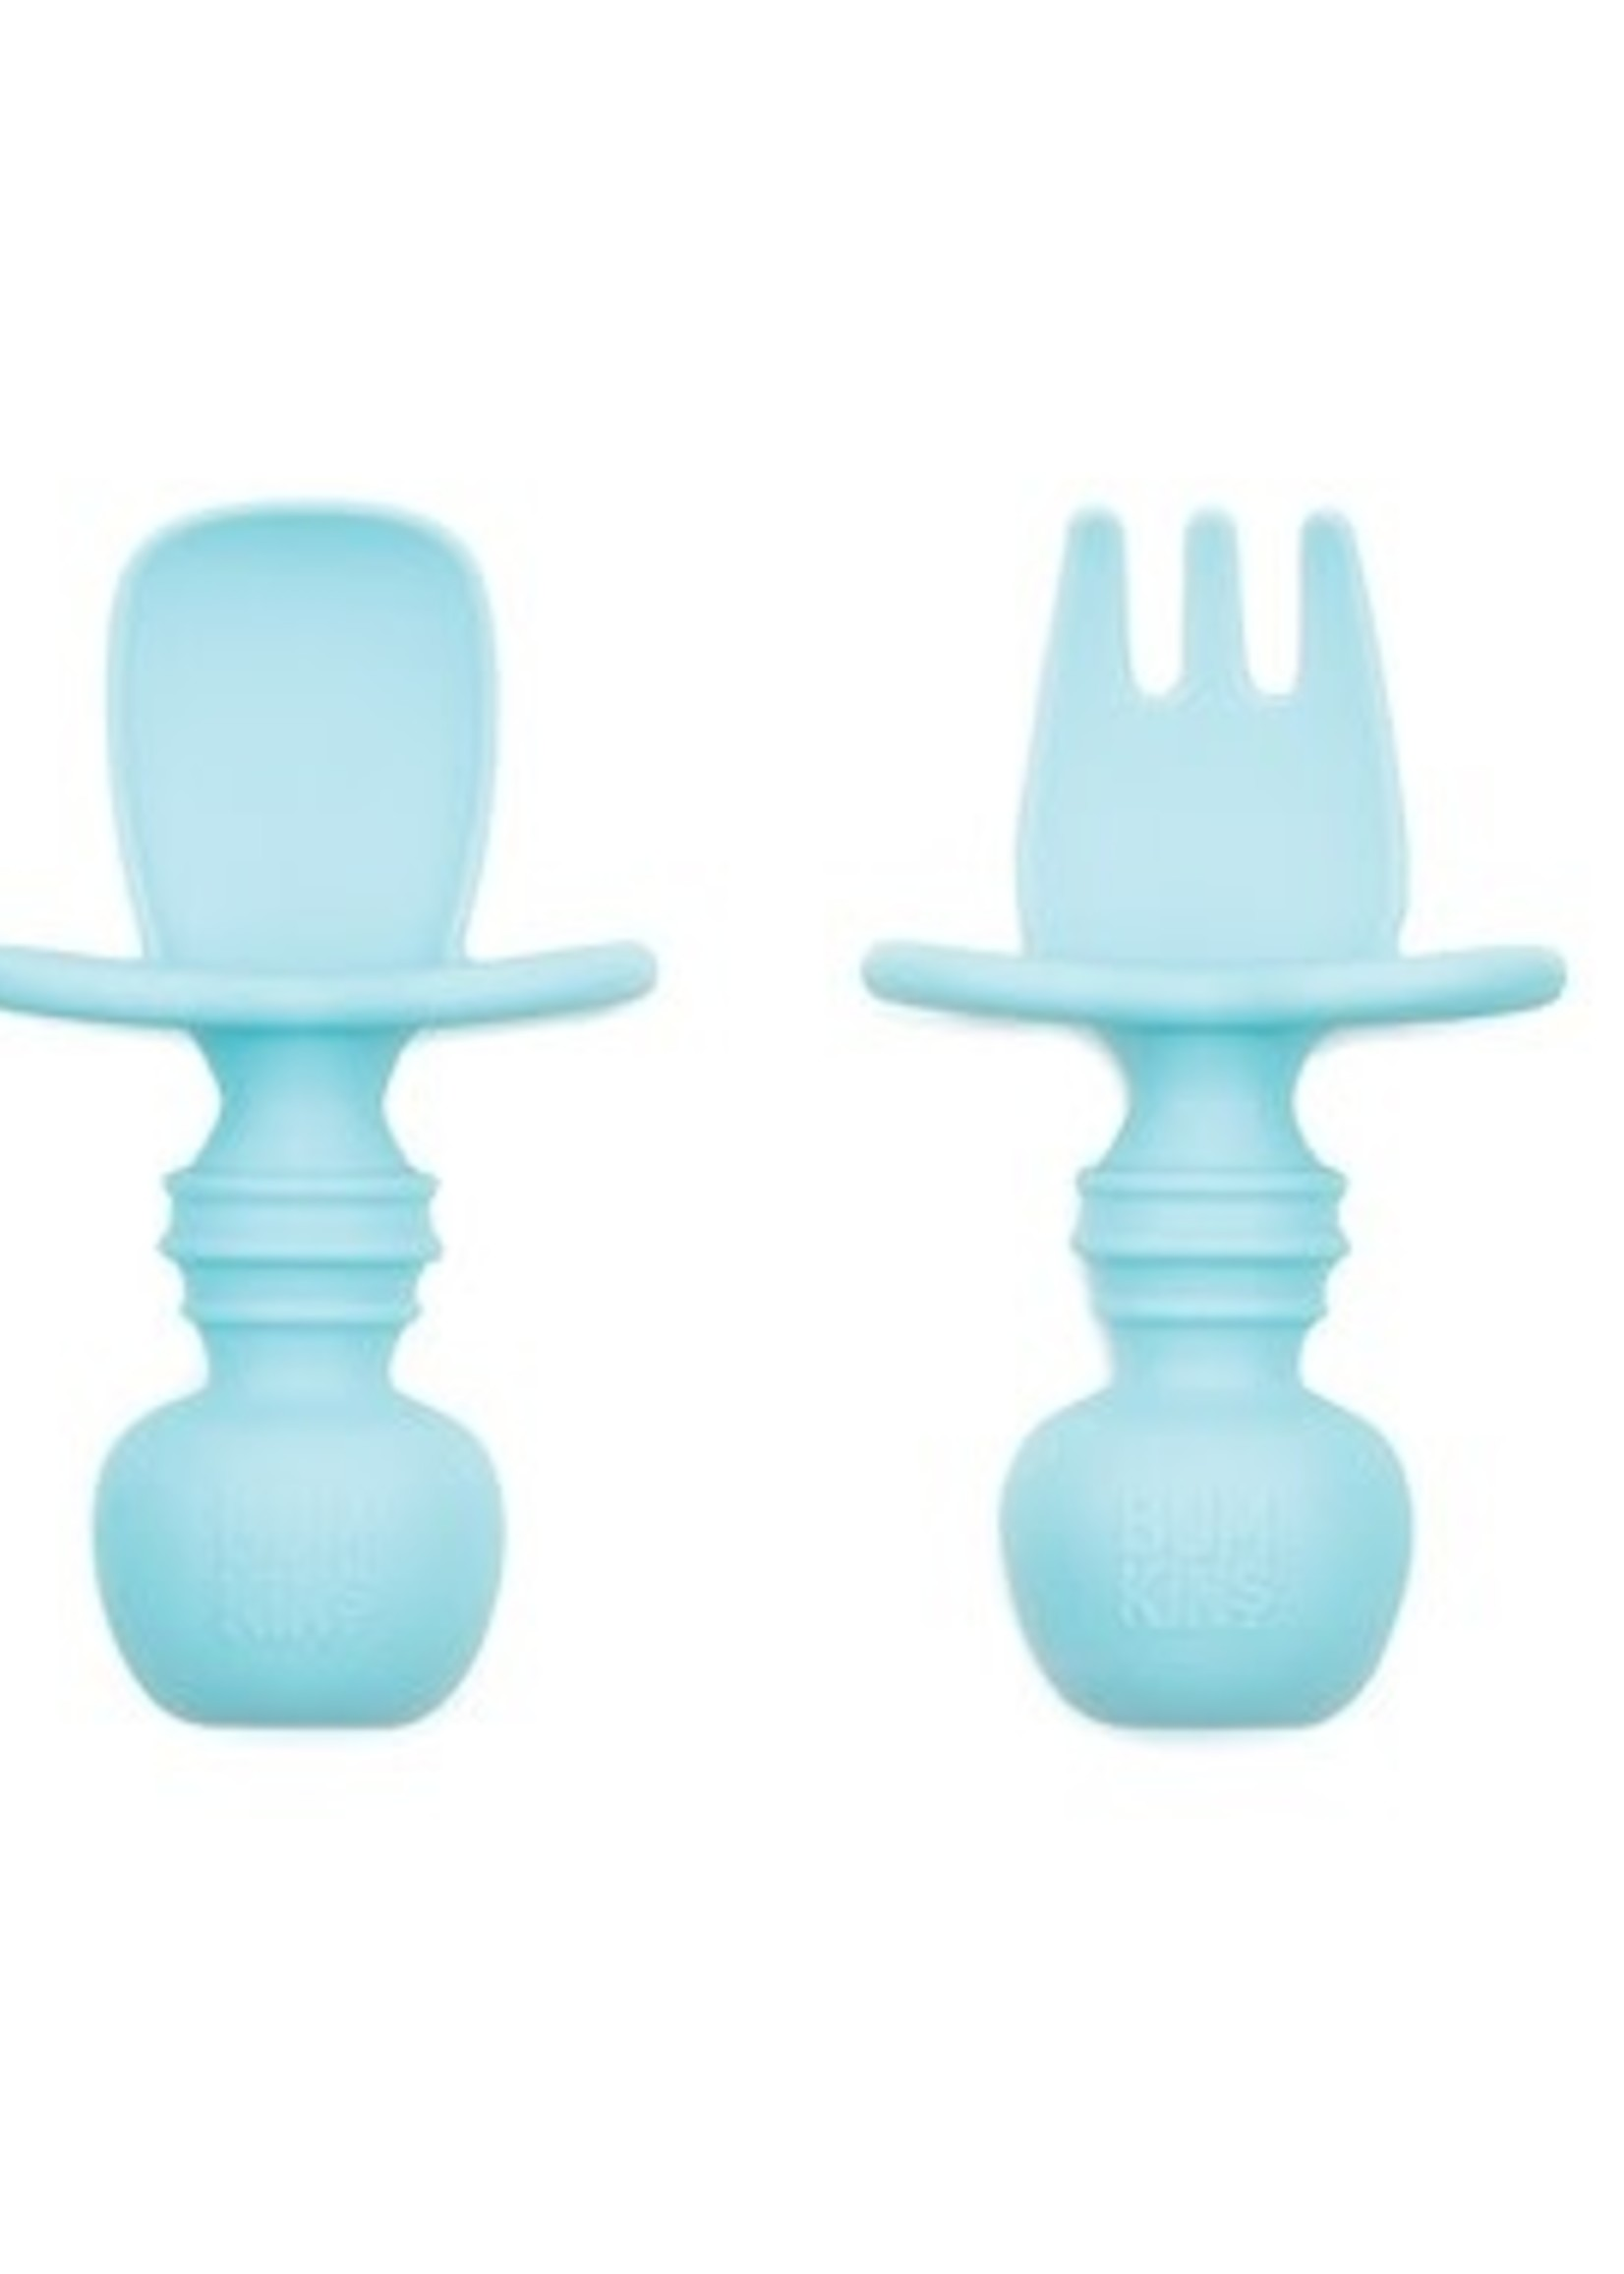 bumkins Bumkins Chewtensils (Blue)